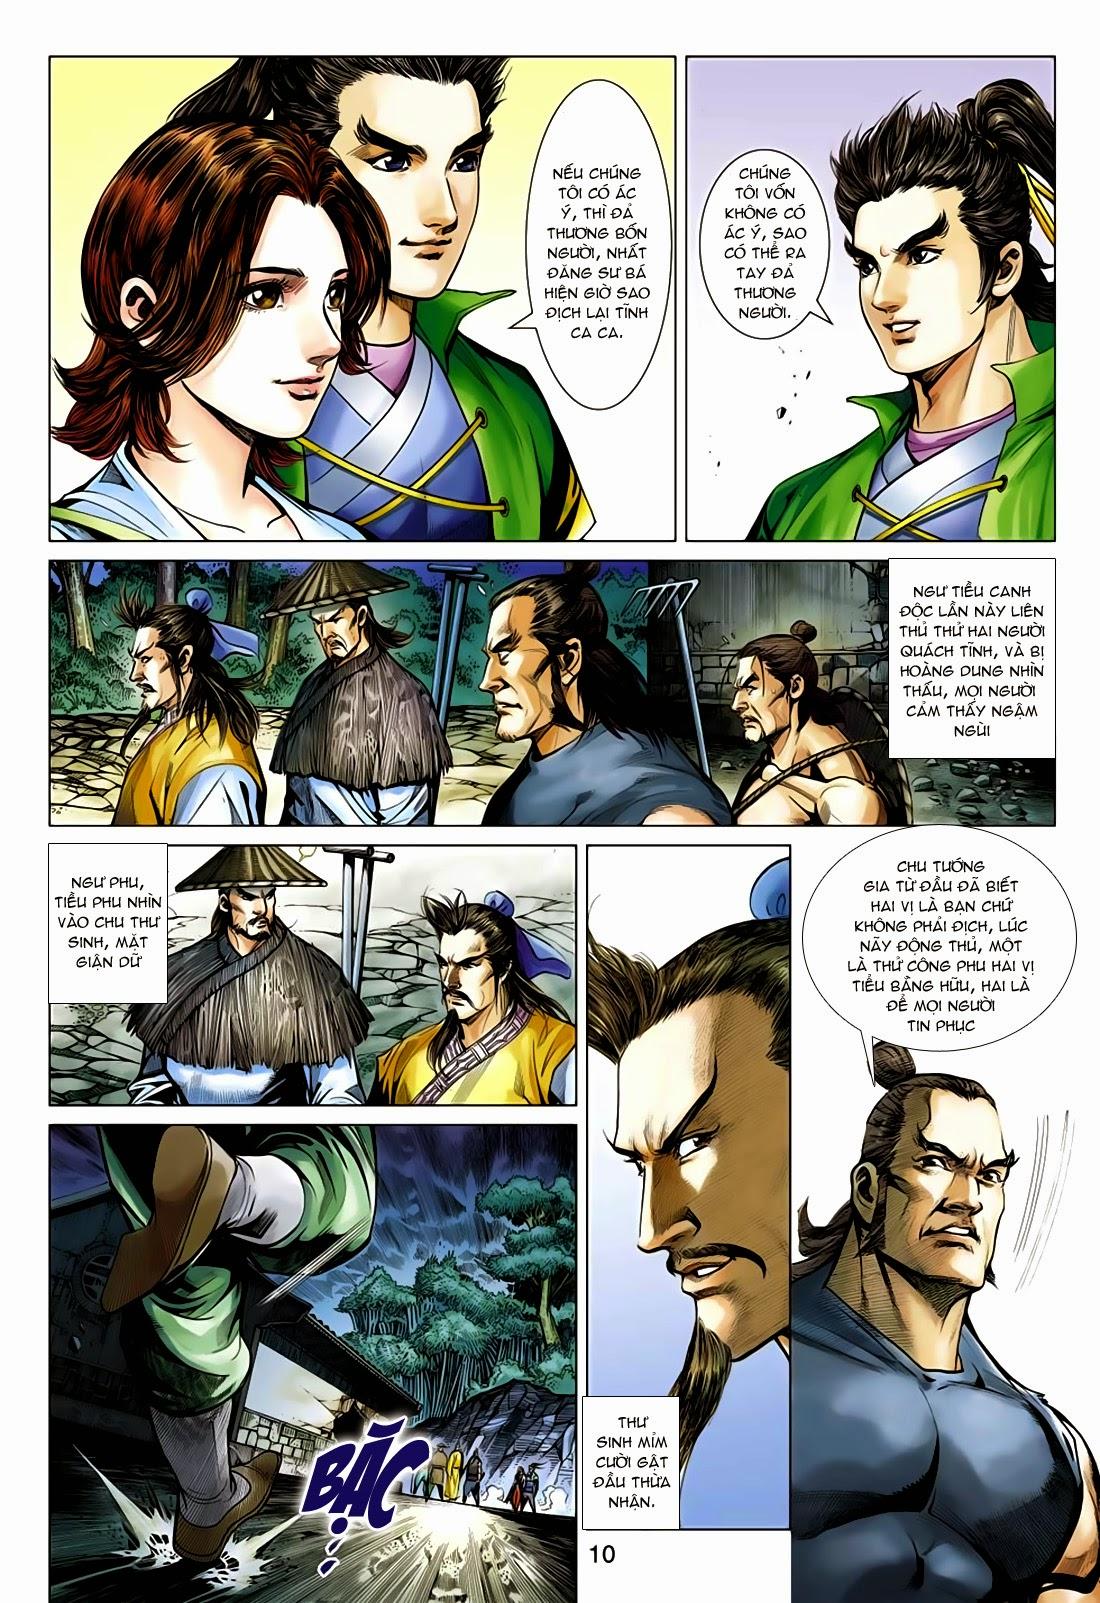 Anh Hùng Xạ Điêu anh hùng xạ đêu chap 75: hoàng thành cựu sự trang 10